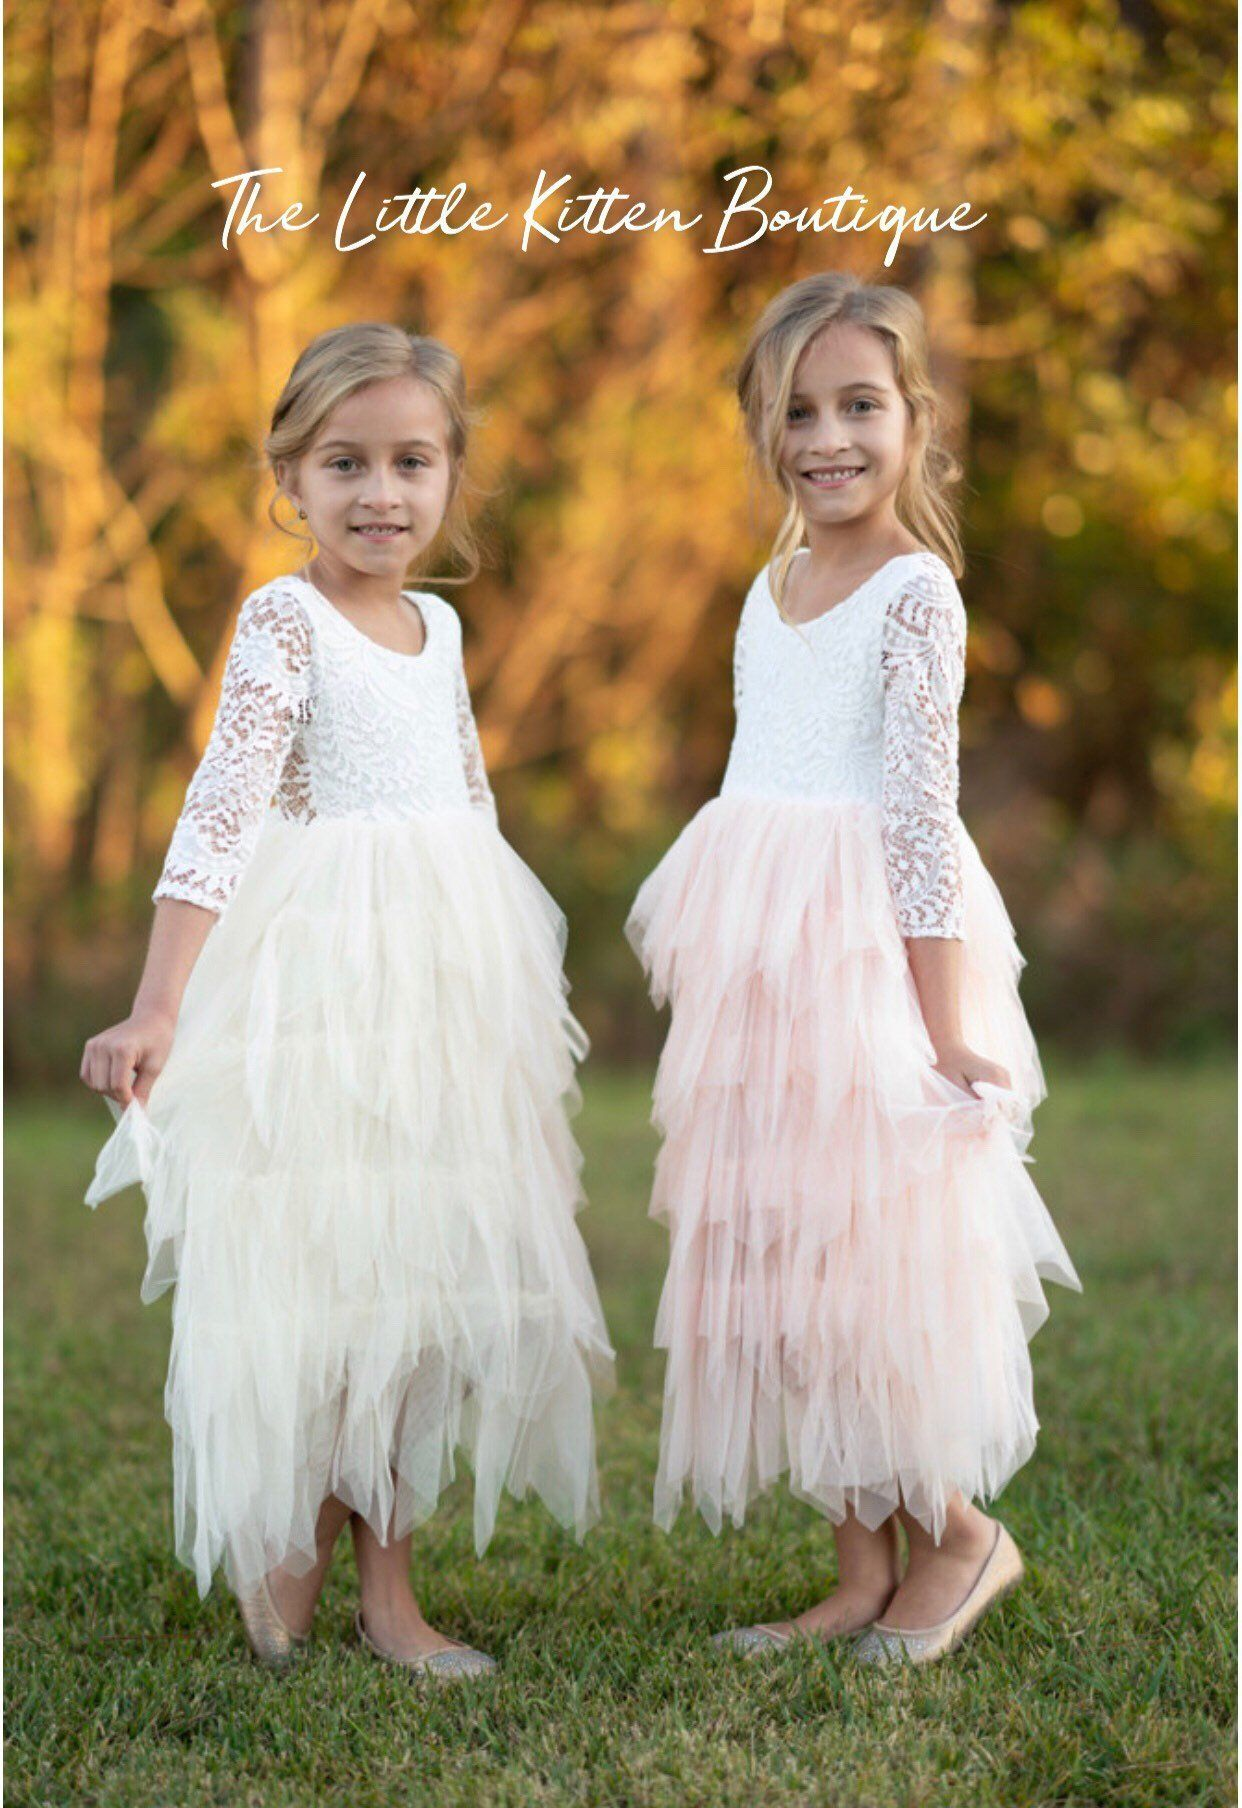 Flower Girl Dress Boho Dress Pink Flower Girl Dresses Blush Flower Girl Dress White Ivory Tutu Tulle birthday Dress Lace Flower Girl